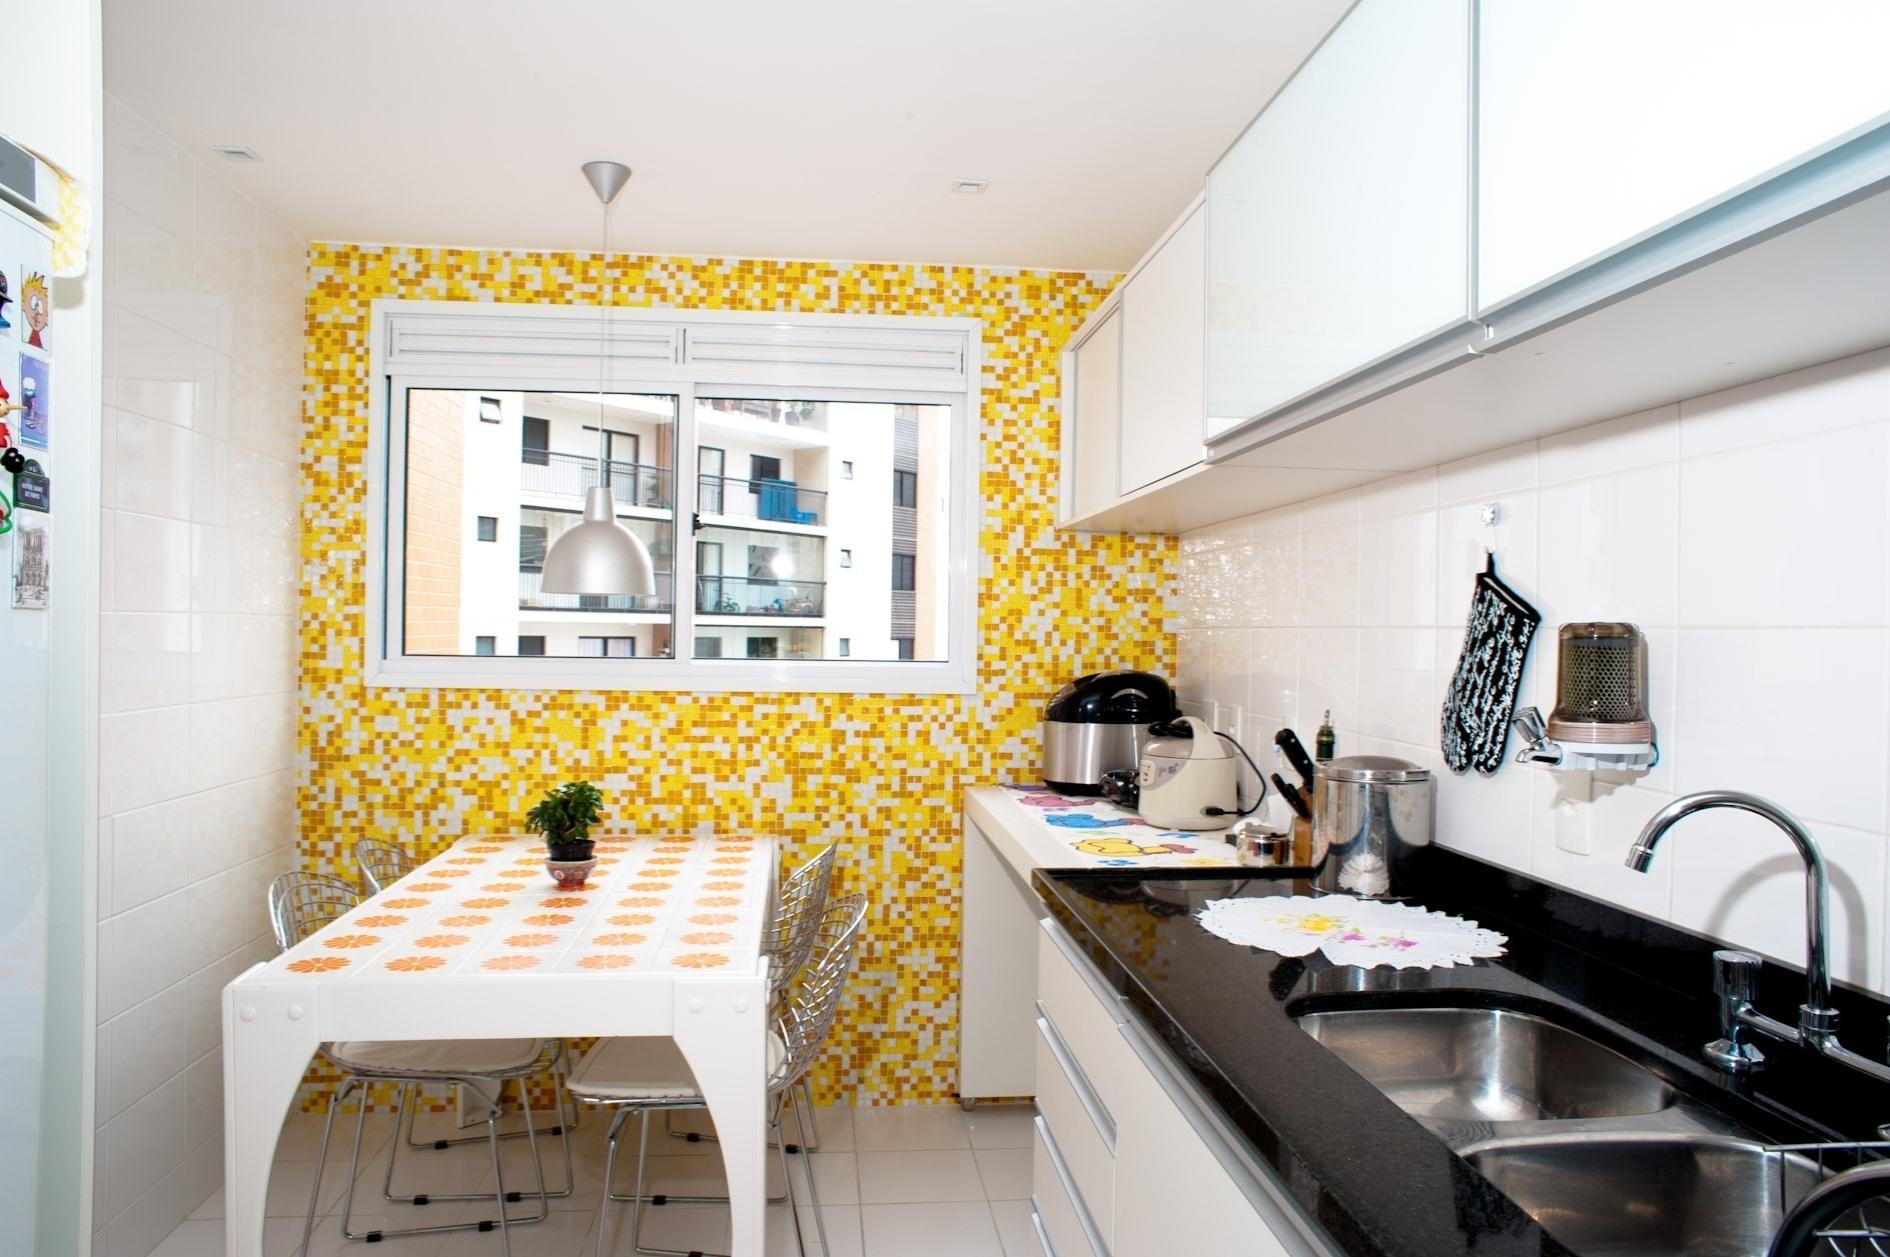 #B29319  cozinha projetada pelo escritório Oito Arquitetura Divulgação Mais 1890x1257 px Decoração Cozinha Idéias_938 Imagens